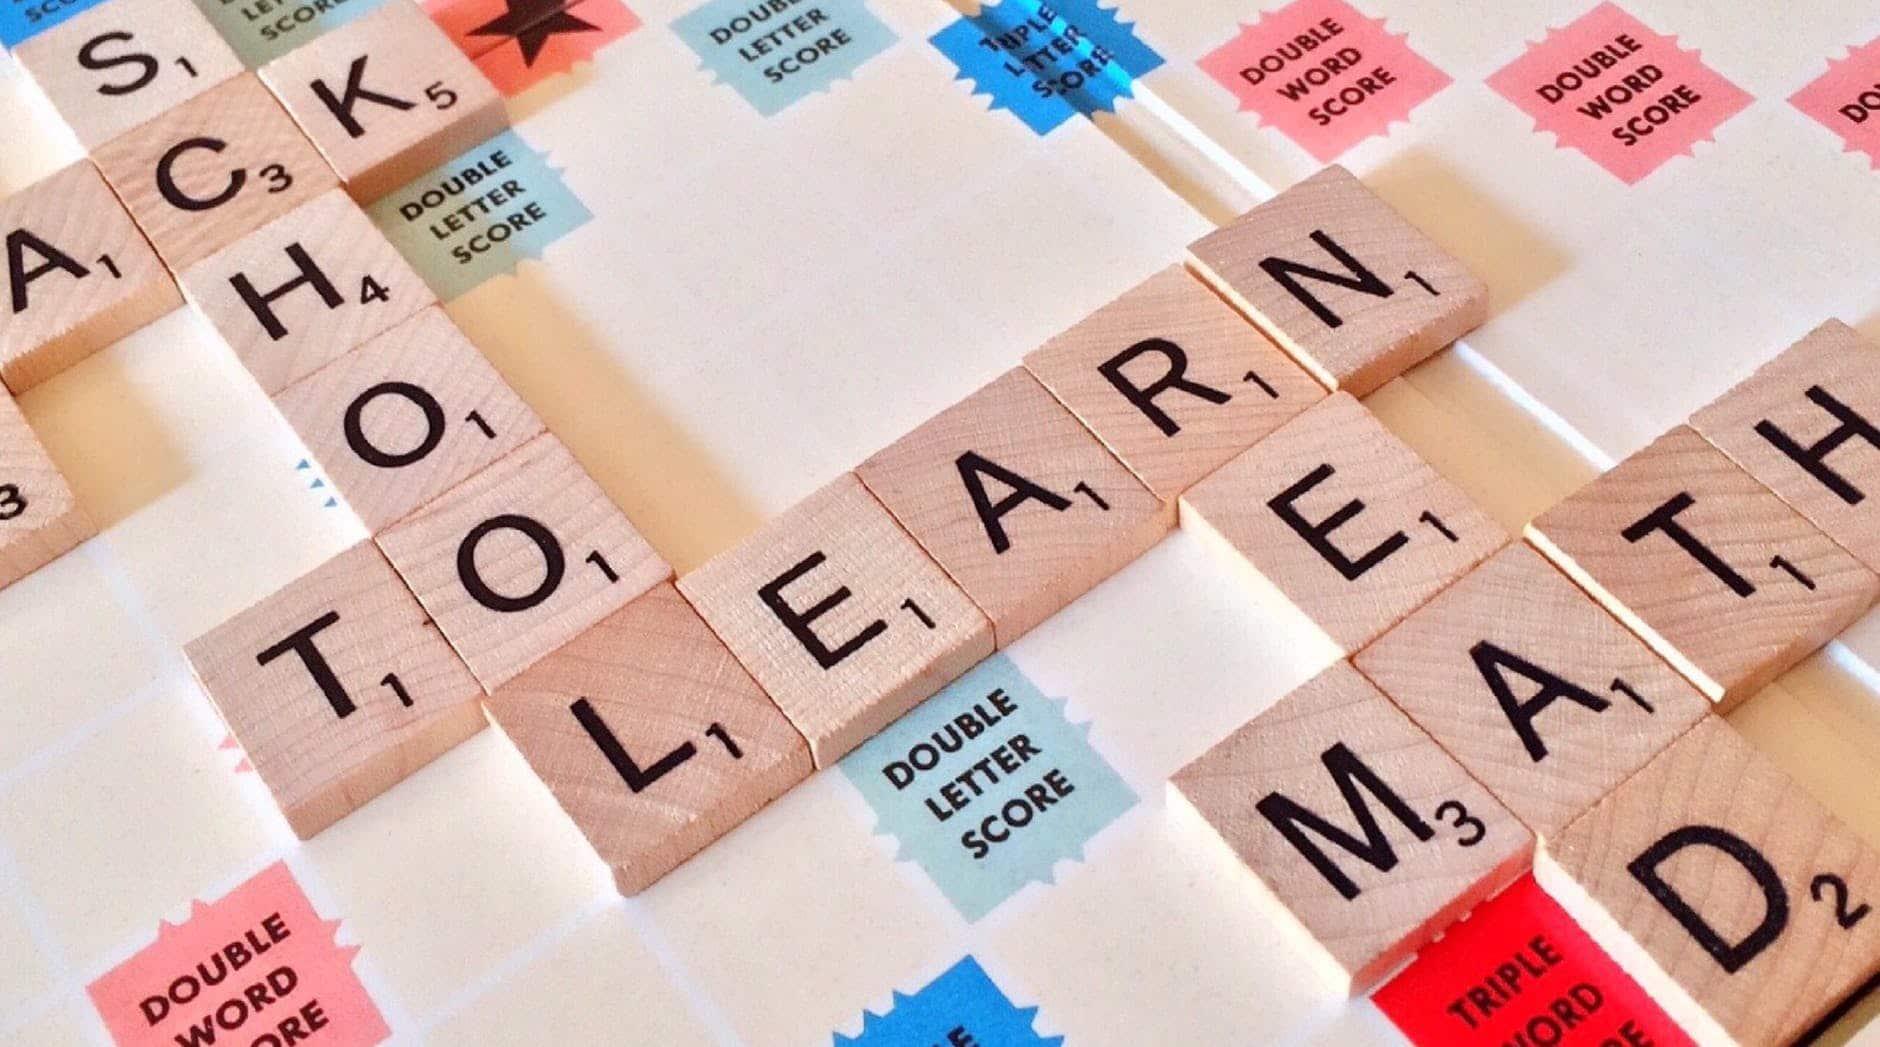 Chứng chỉ Tesol là gì? Bạn có thể học ở đâu? - JobsGO Blog